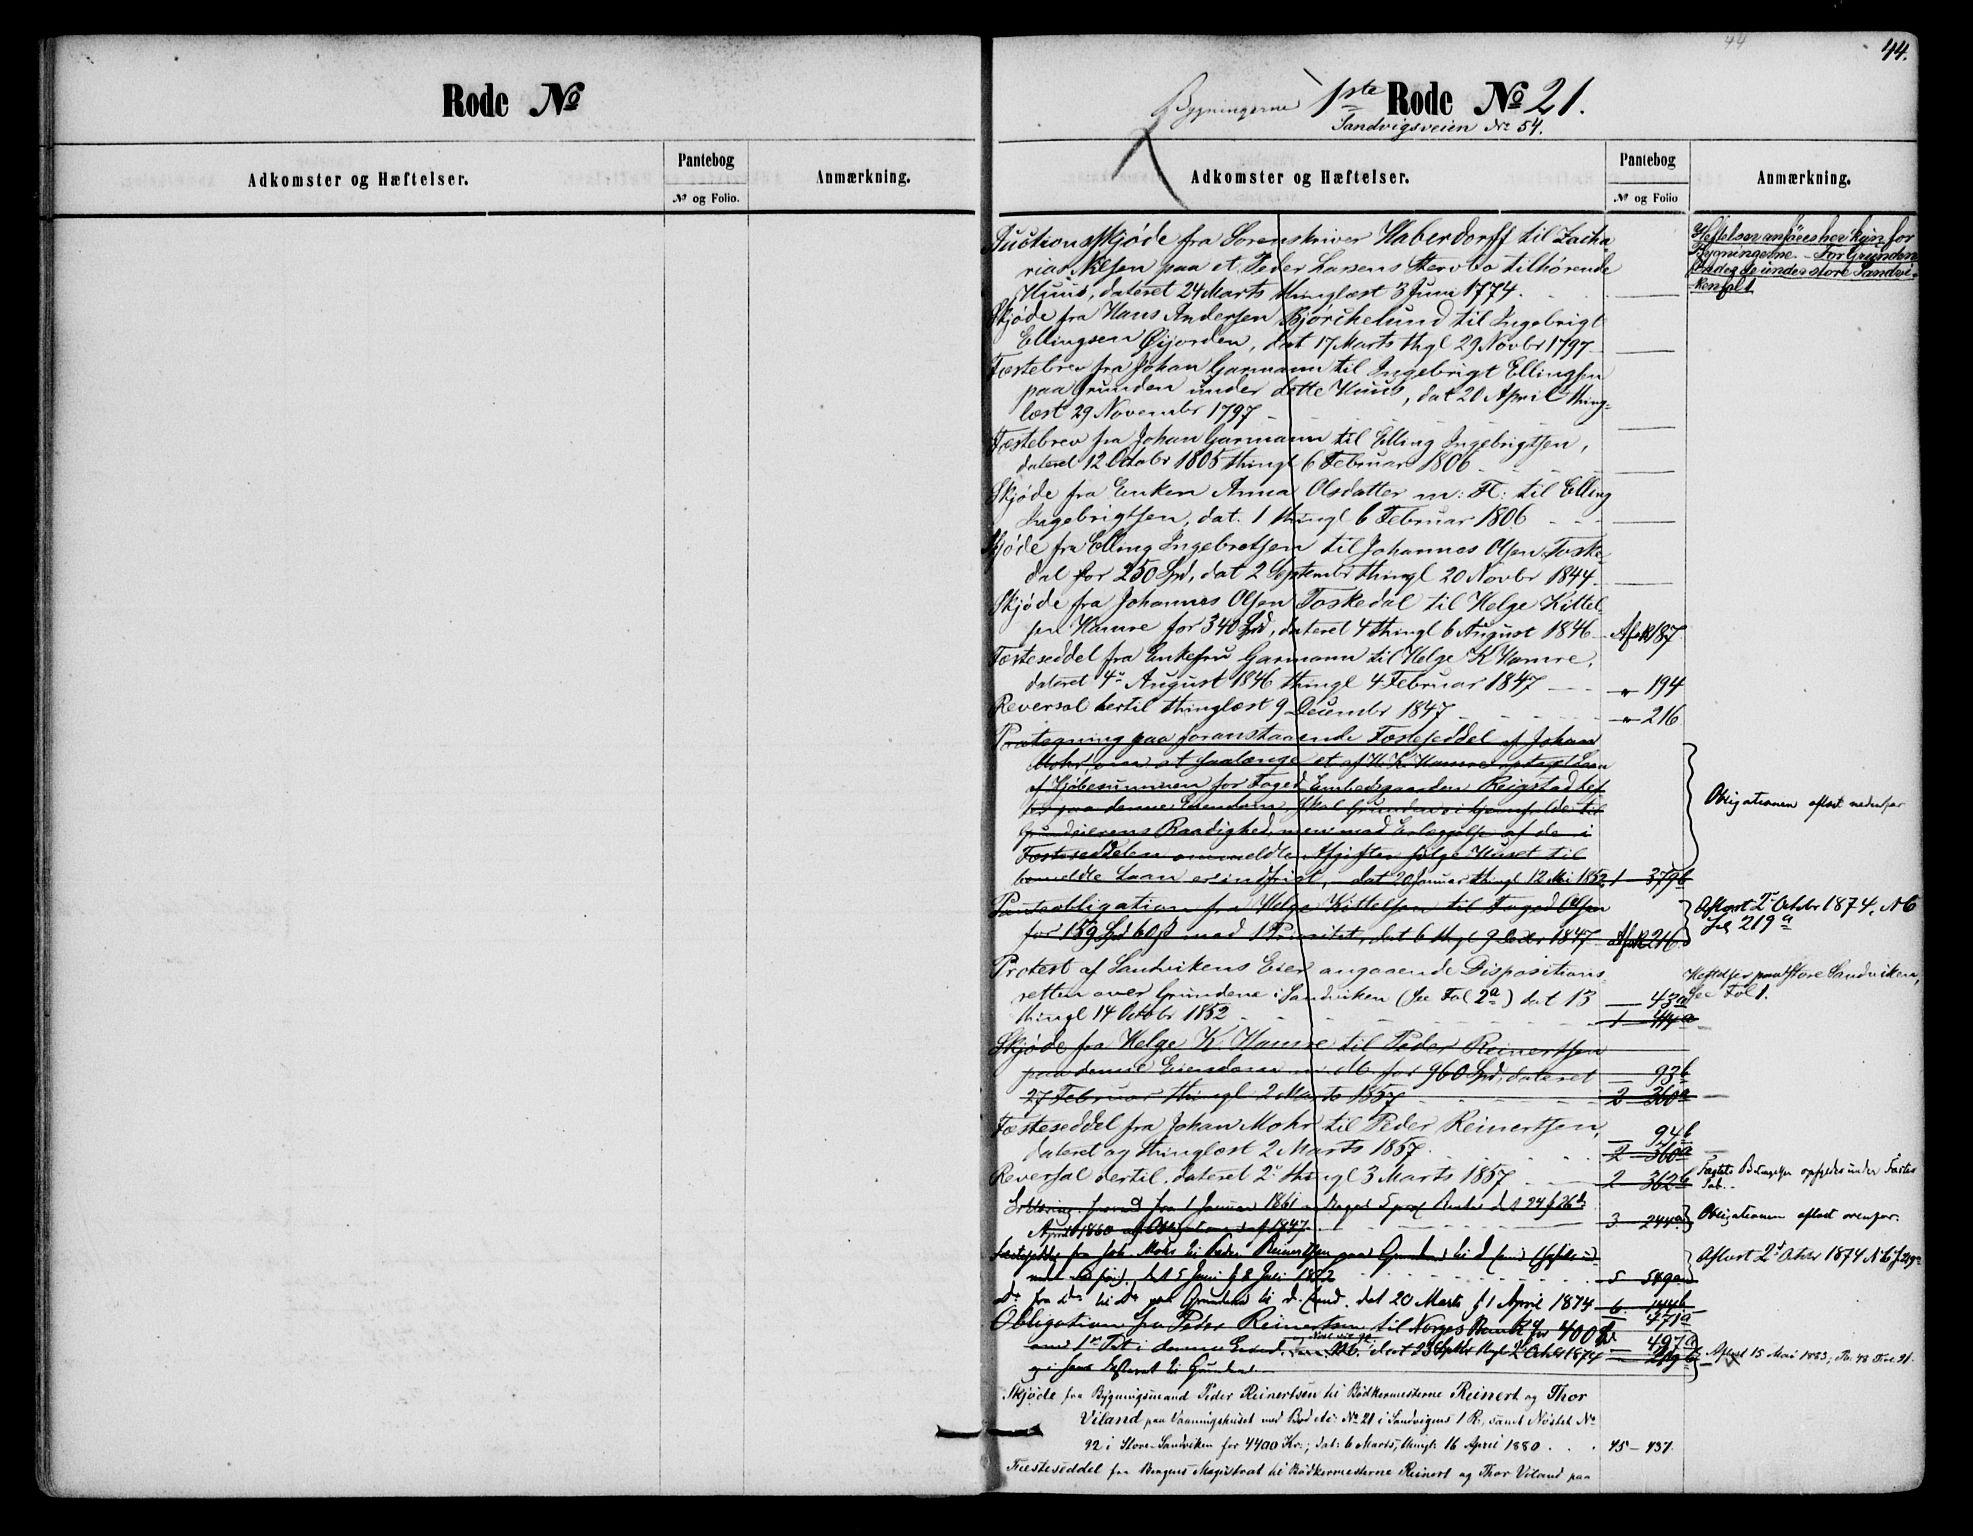 SAB, Byfogd og Byskriver i Bergen, 03/03AdC/L0019a: Mortgage register no. A.d.C.19, 1774-1861, p. 44